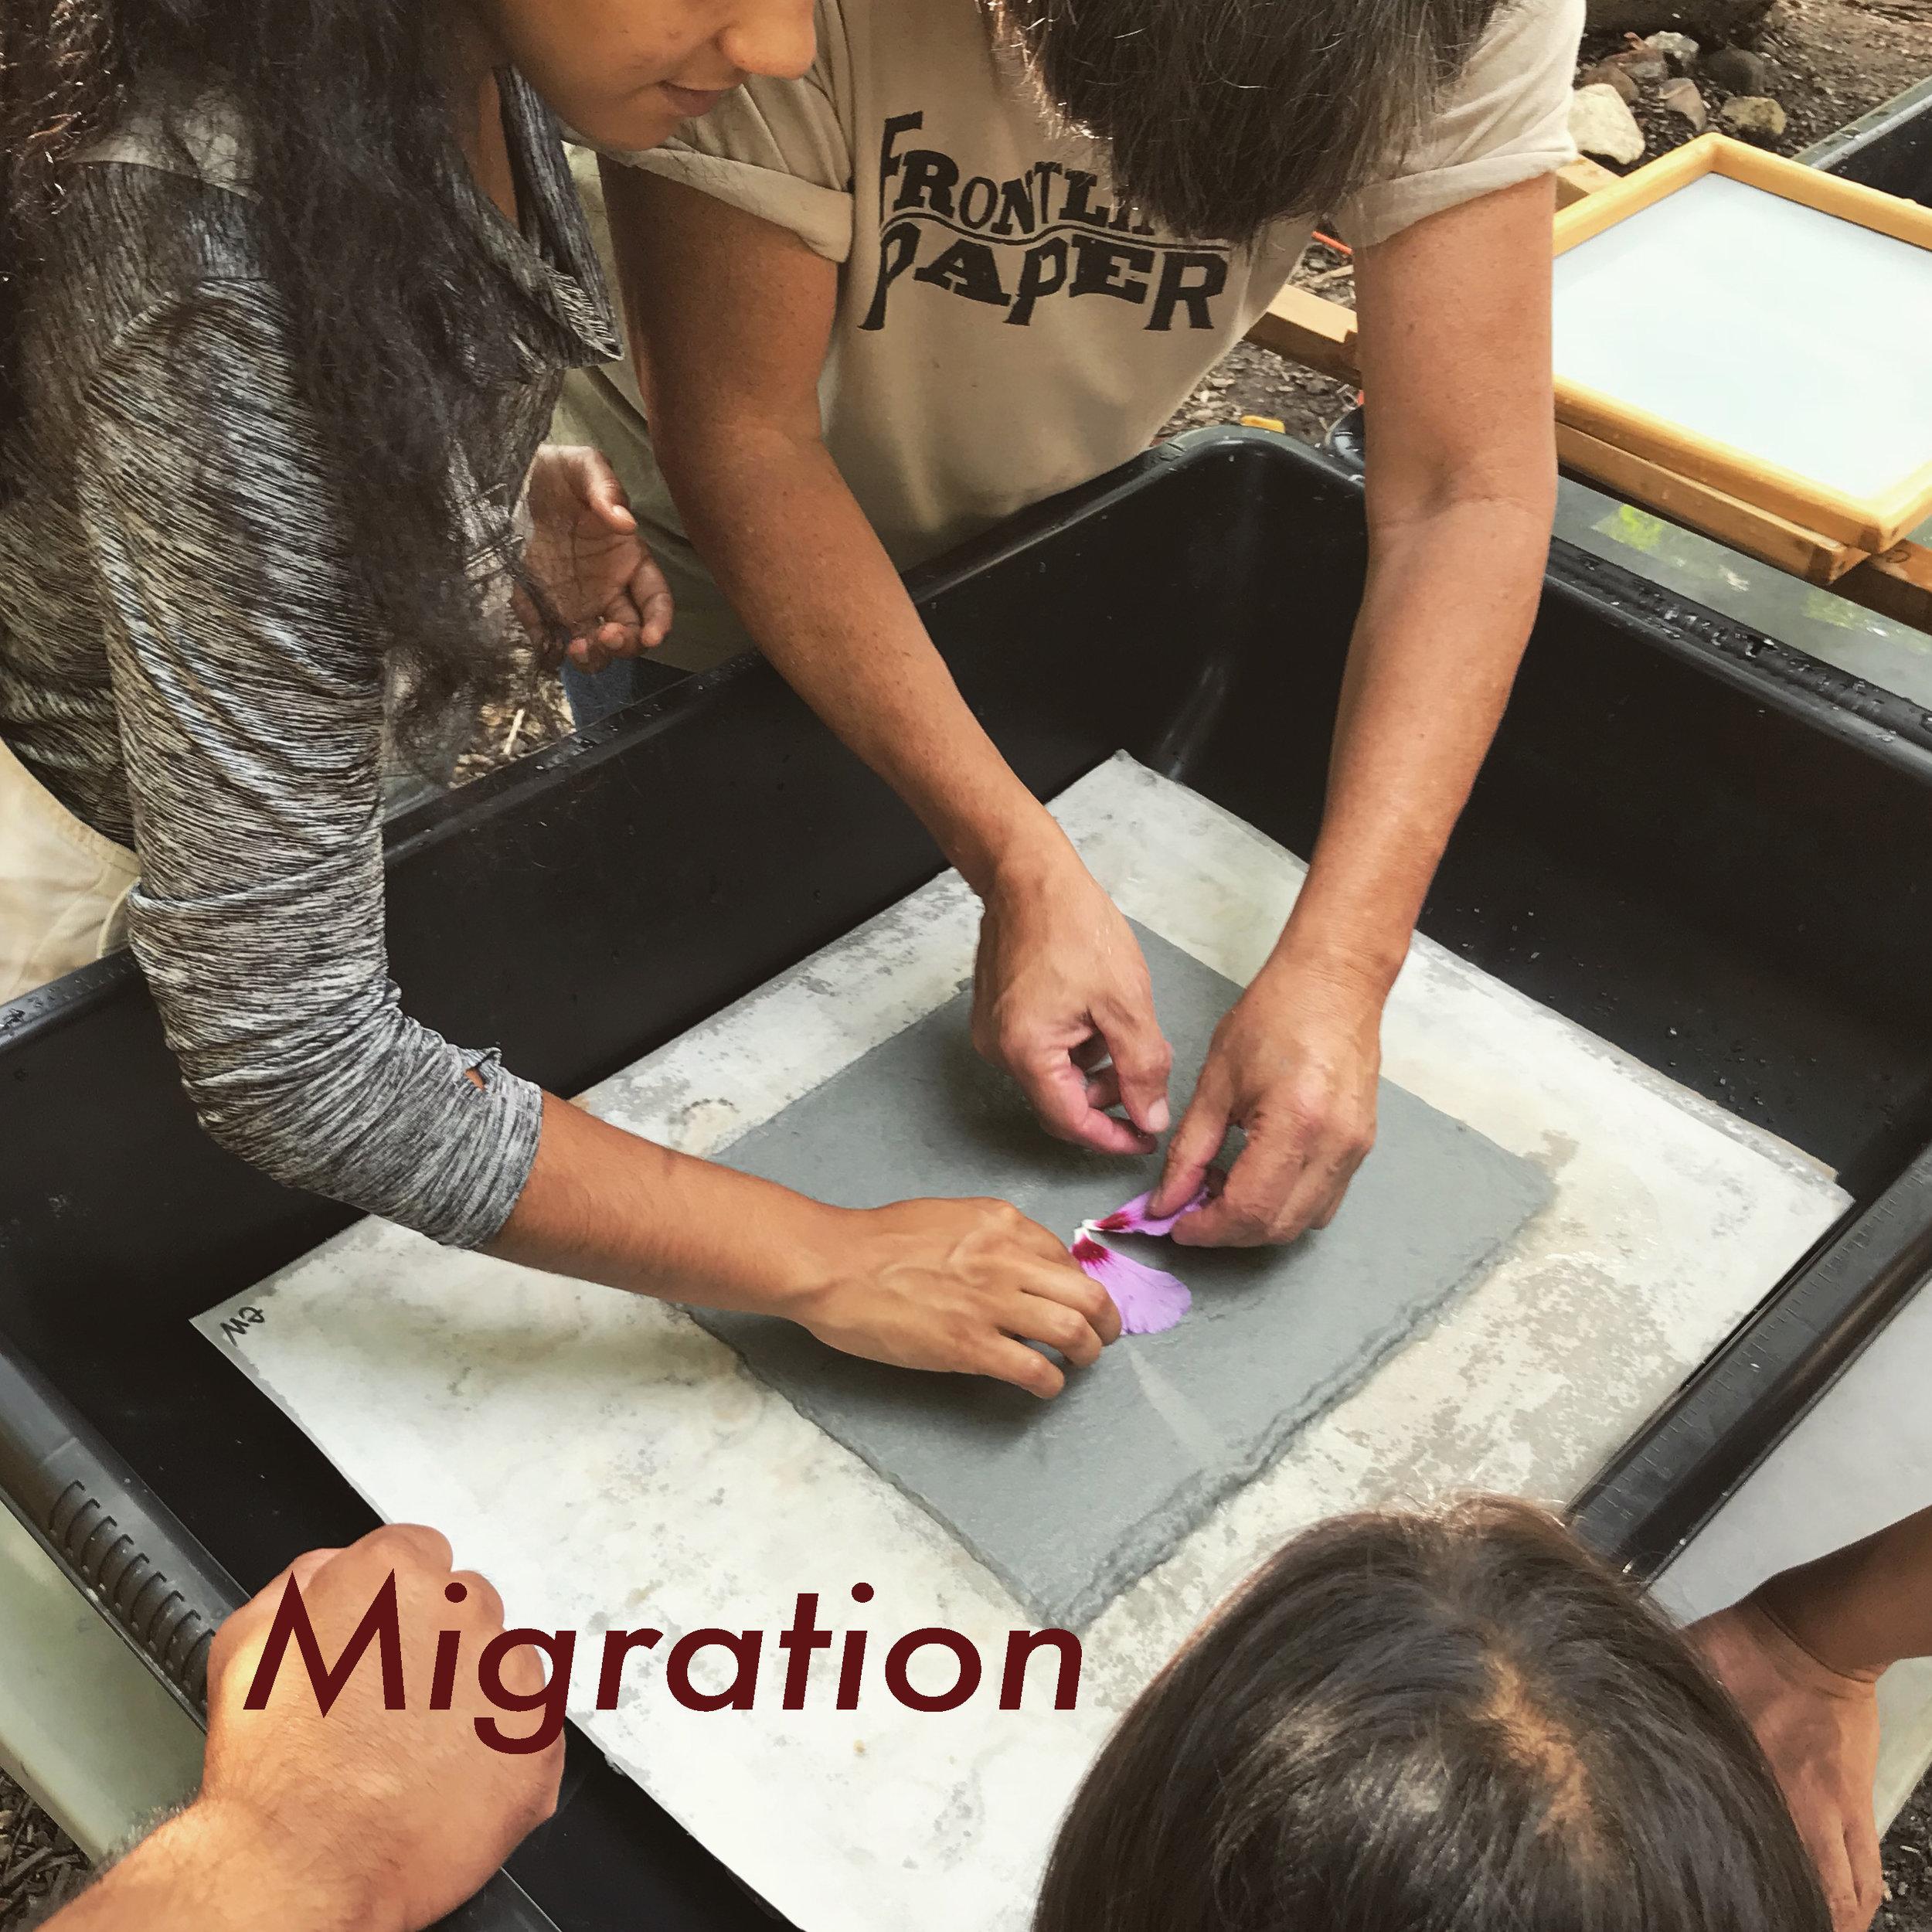 Migration image 2.jpg